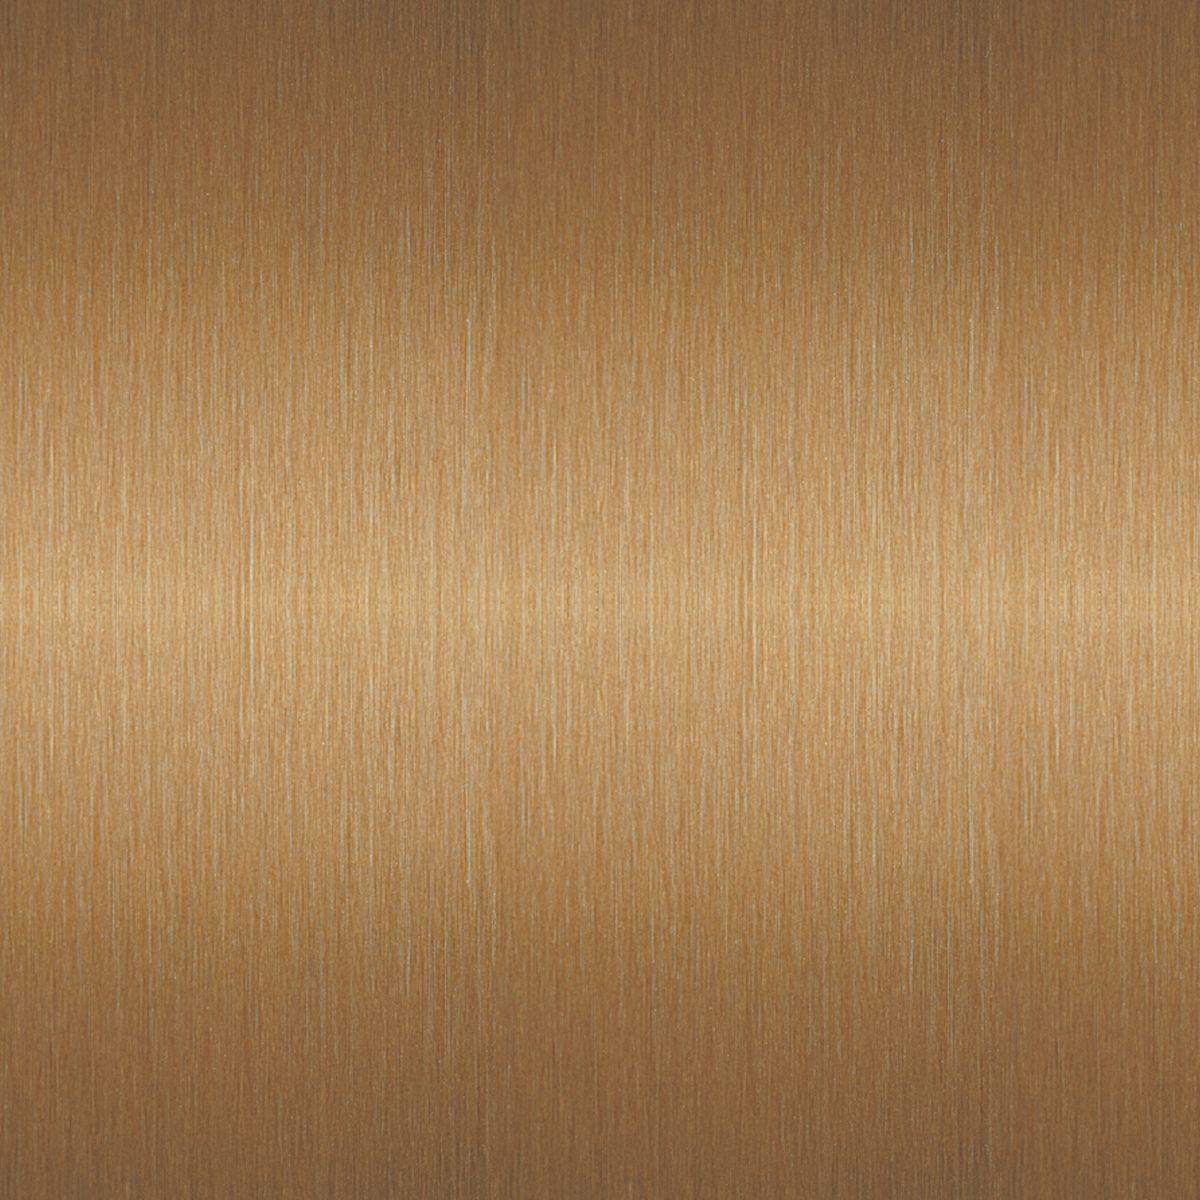 Decometal Brushed Bronzetoned Aluminum Steel Textures Metal